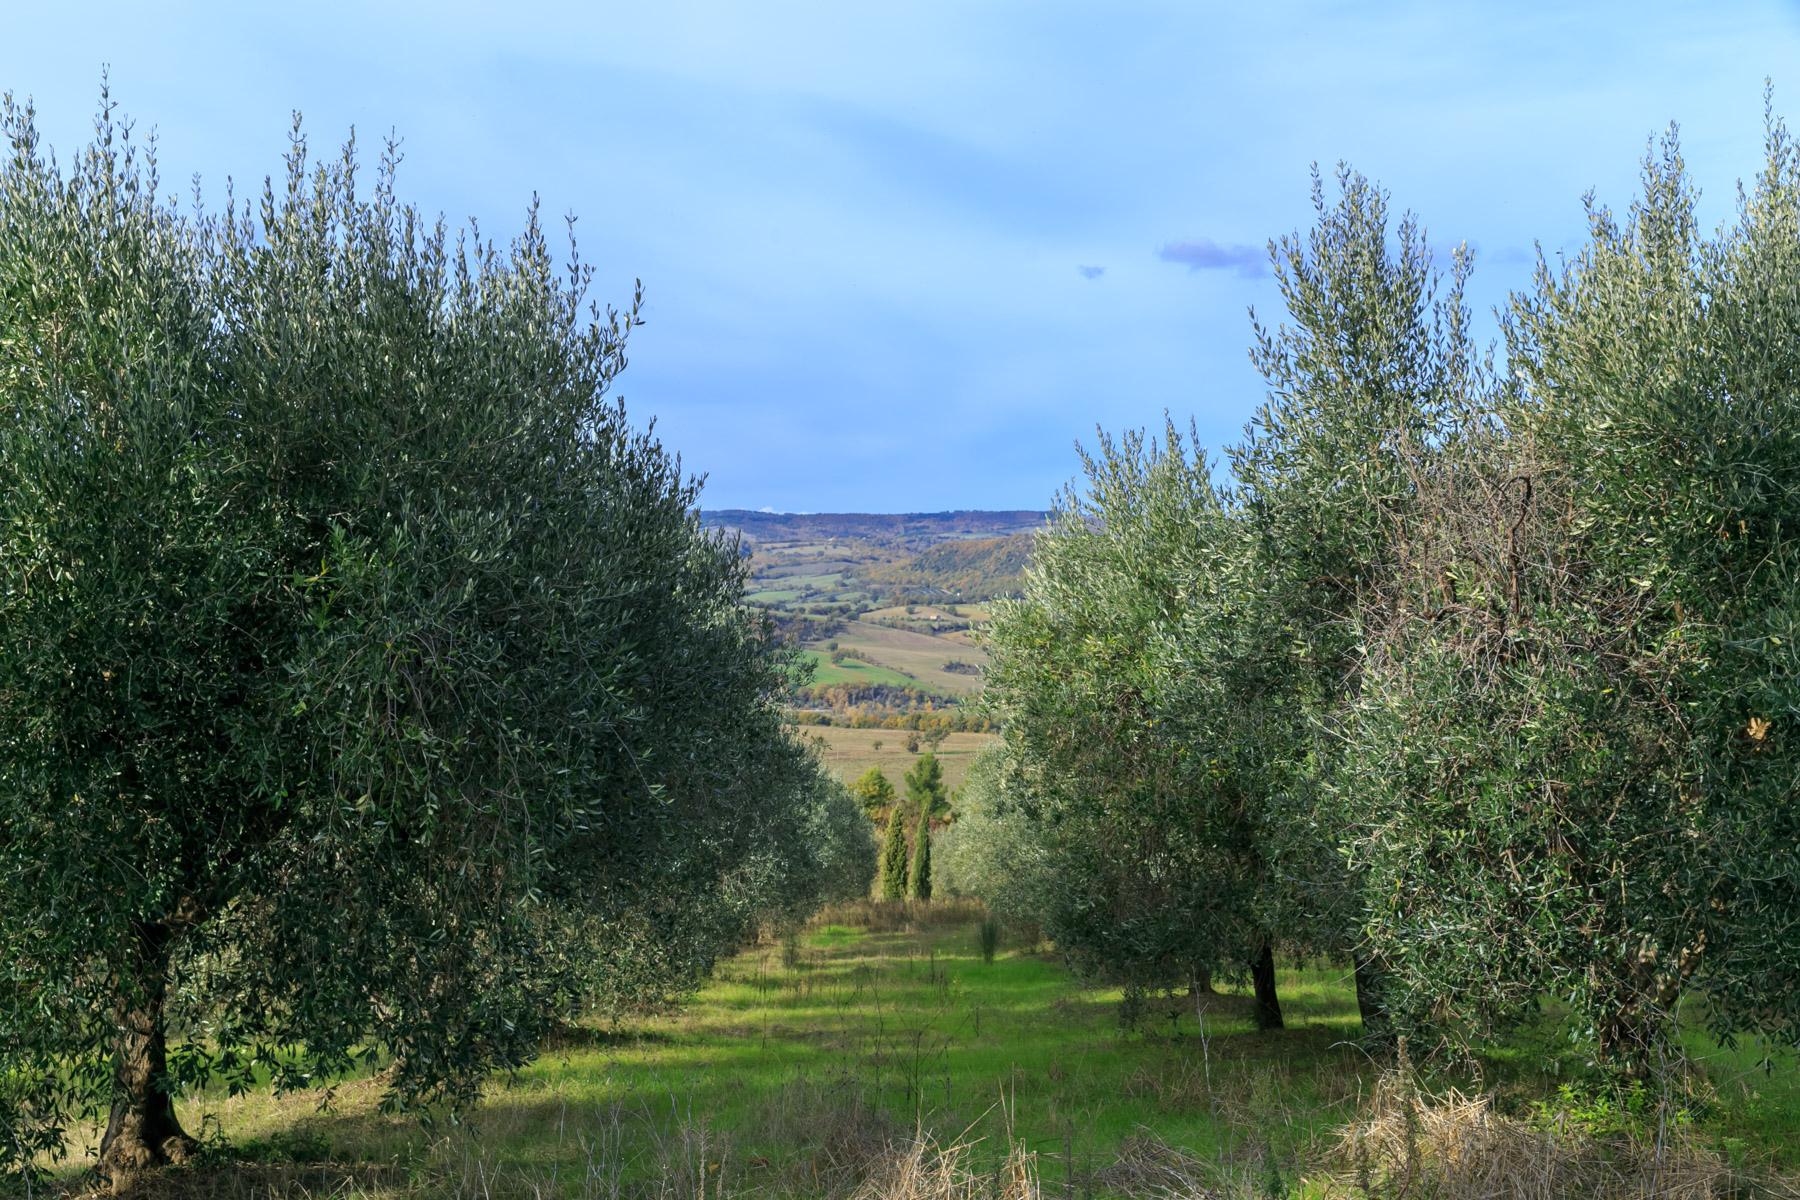 Rustico in Vendita a Manciano: 5 locali, 500 mq - Foto 28